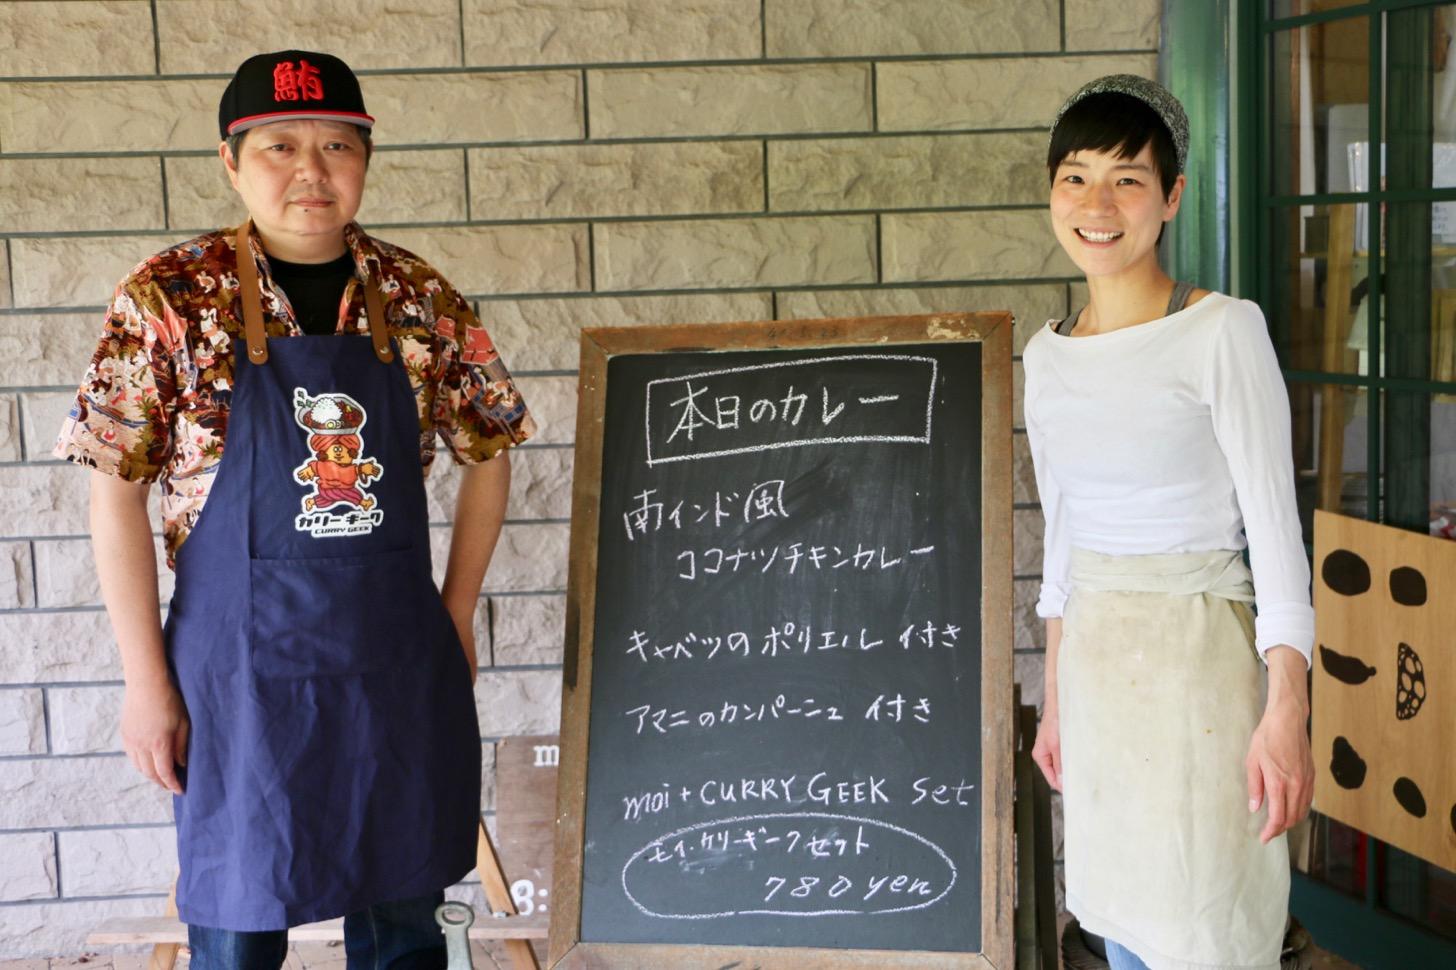 カリーギークのさとうたくさん(左)とモイベーカリー店主の杉山智子さん(右)